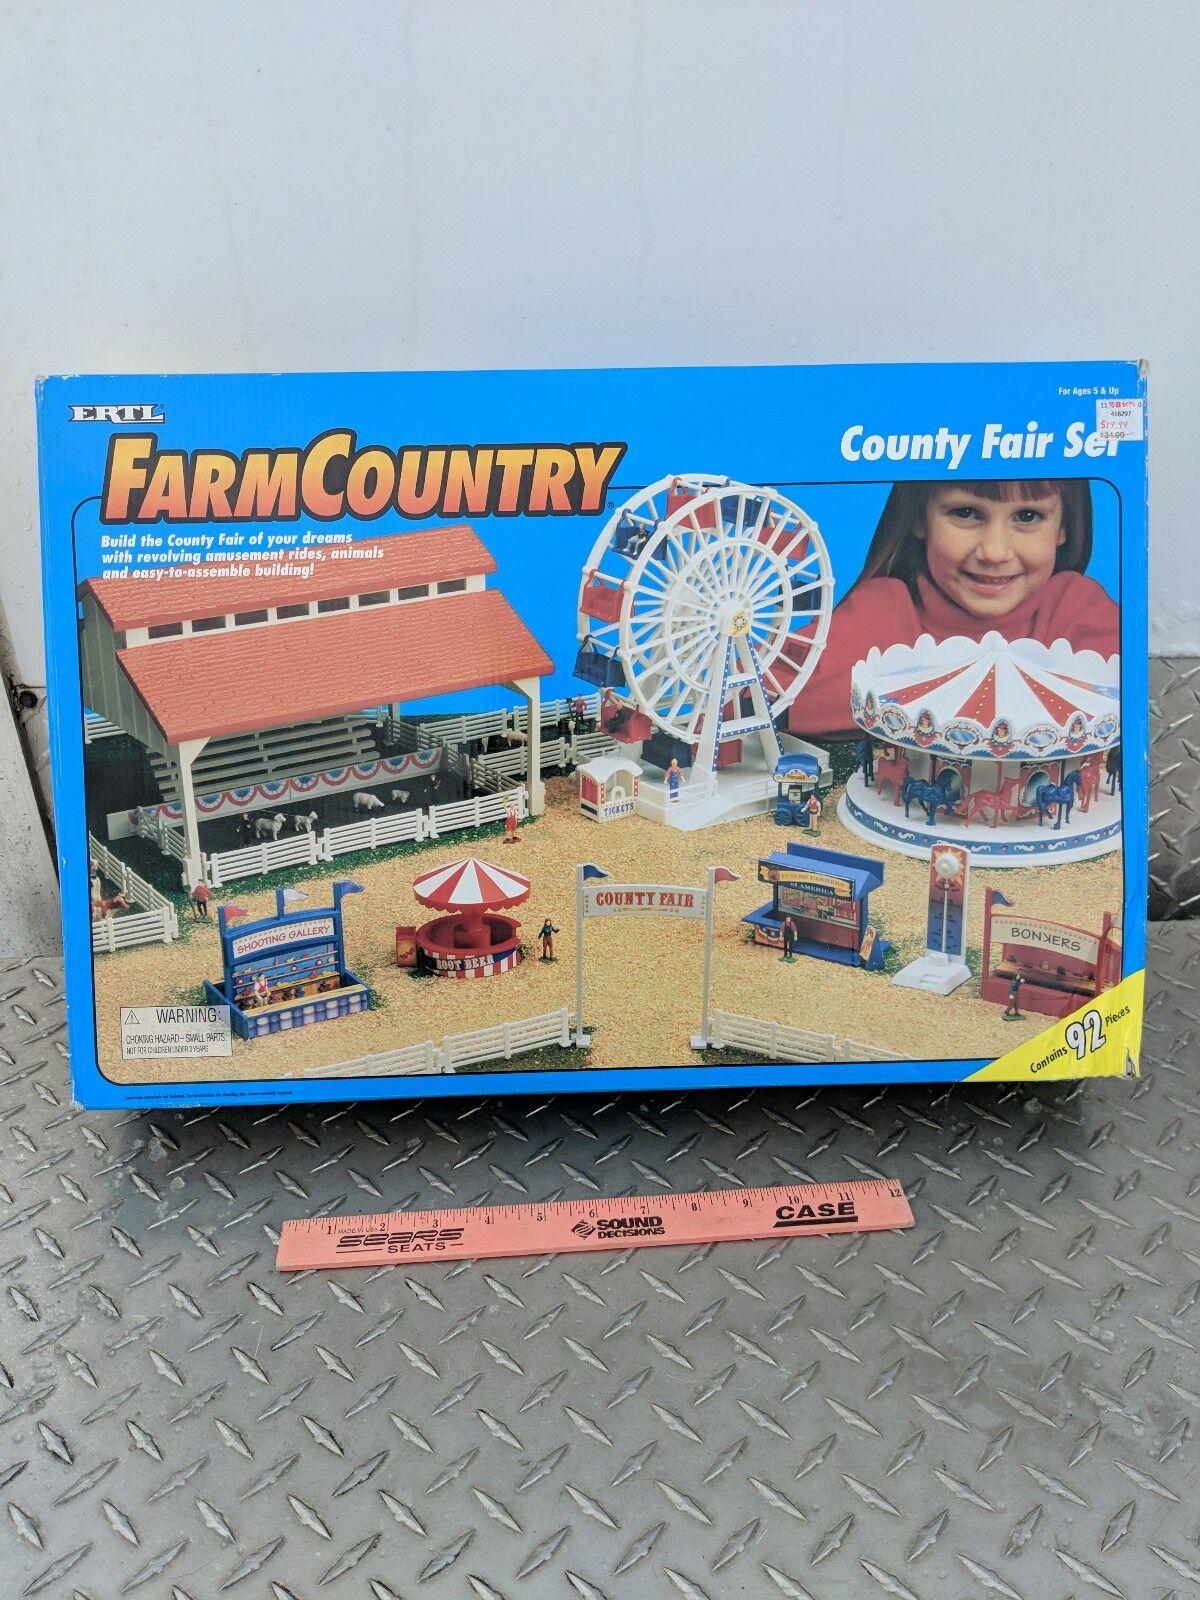 1 64 ERTL farm country County Fair Set Playset S échelle Difficile à trouver Neuf Scellé EX figures